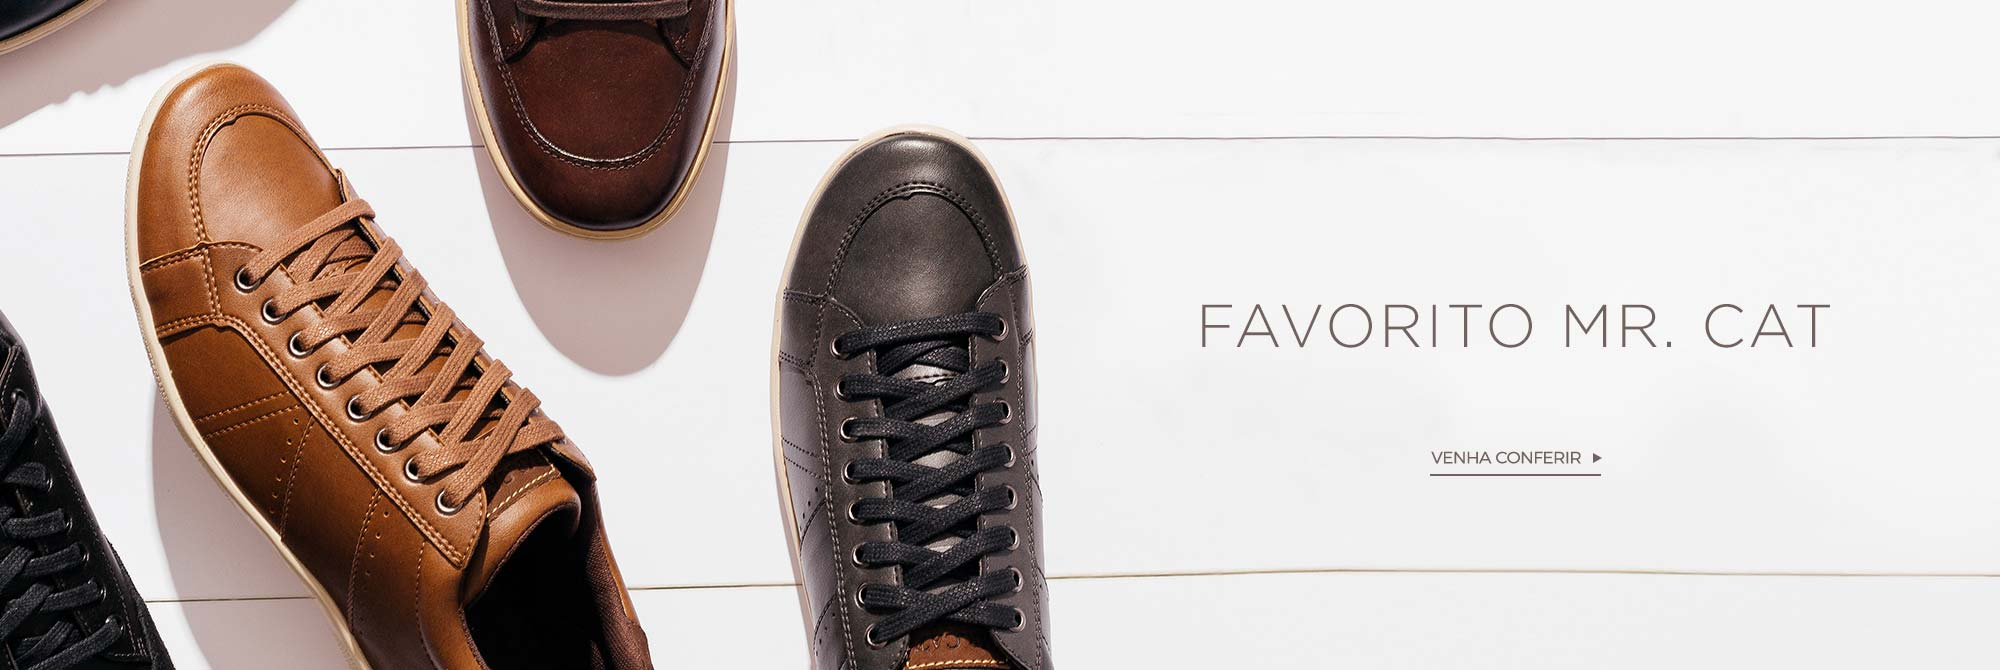 56543f2026e Mr. Cat | Bolsas e Sapatos Femininos e Masculinos